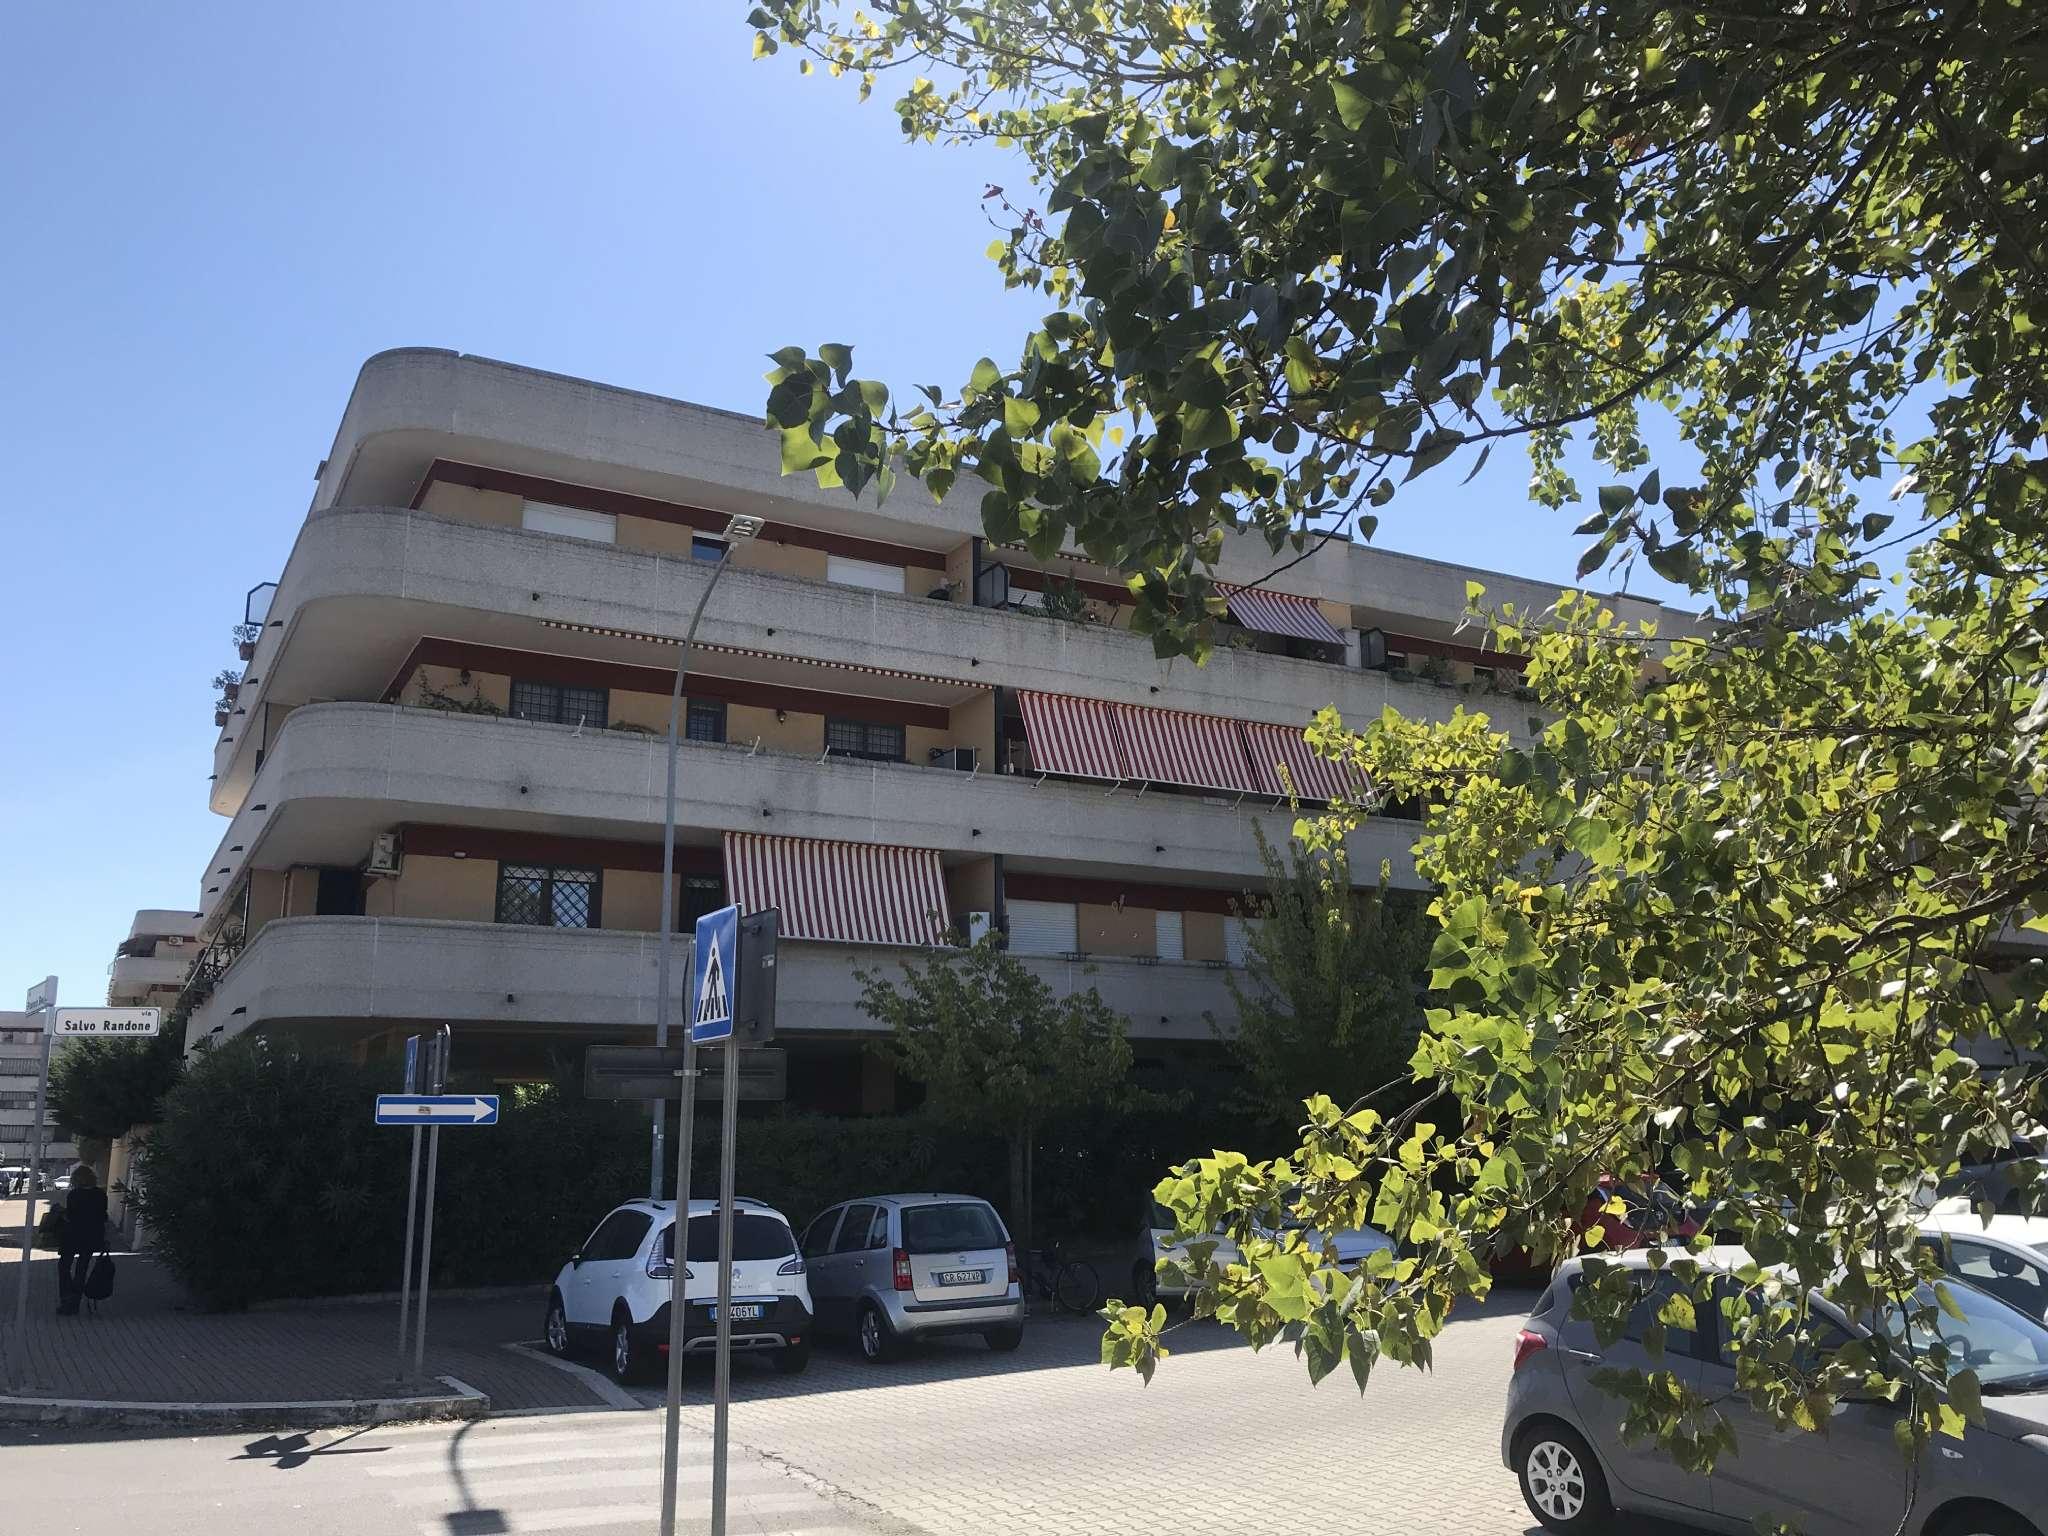 Appartamento in vendita a Roma, 3 locali, zona Zona: 34 . Bufalotta, Sette Bagni, Casal Boccone, Casale Monastero, Settecamini, prezzo € 229.000   CambioCasa.it